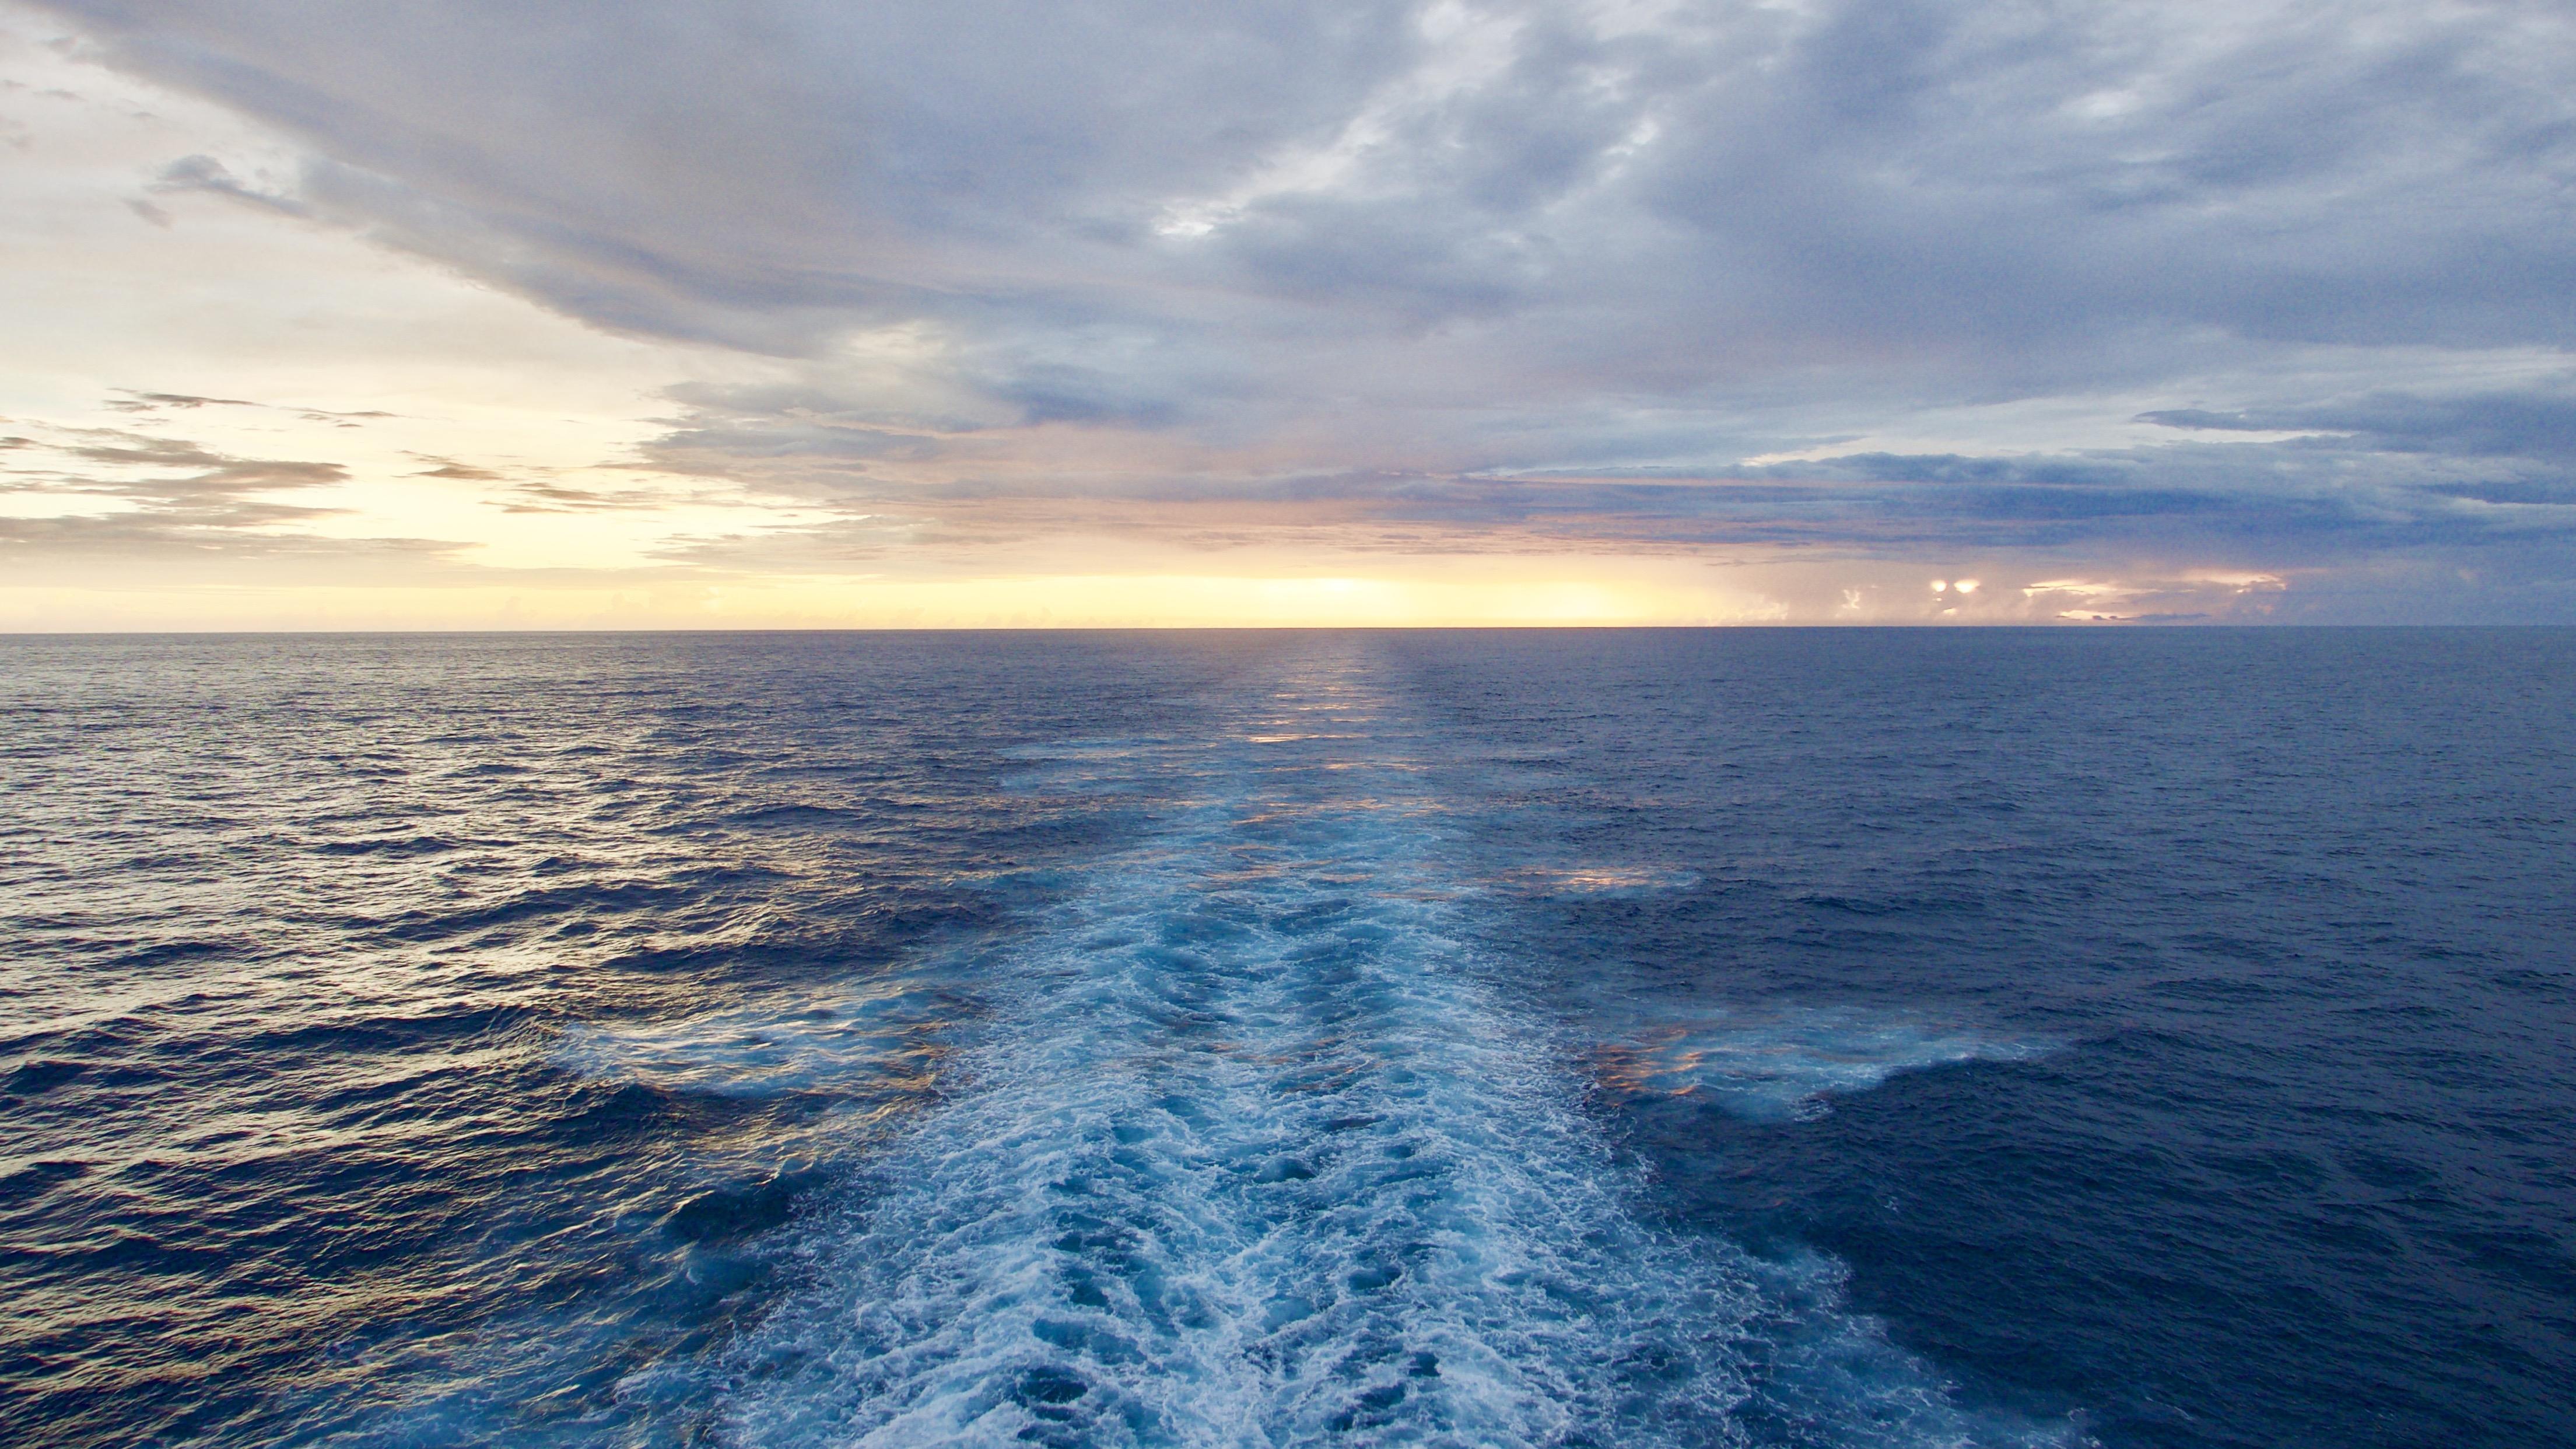 Sea vue sur la mer, Beach, Boat, Caribbean, Colors, HQ Photo